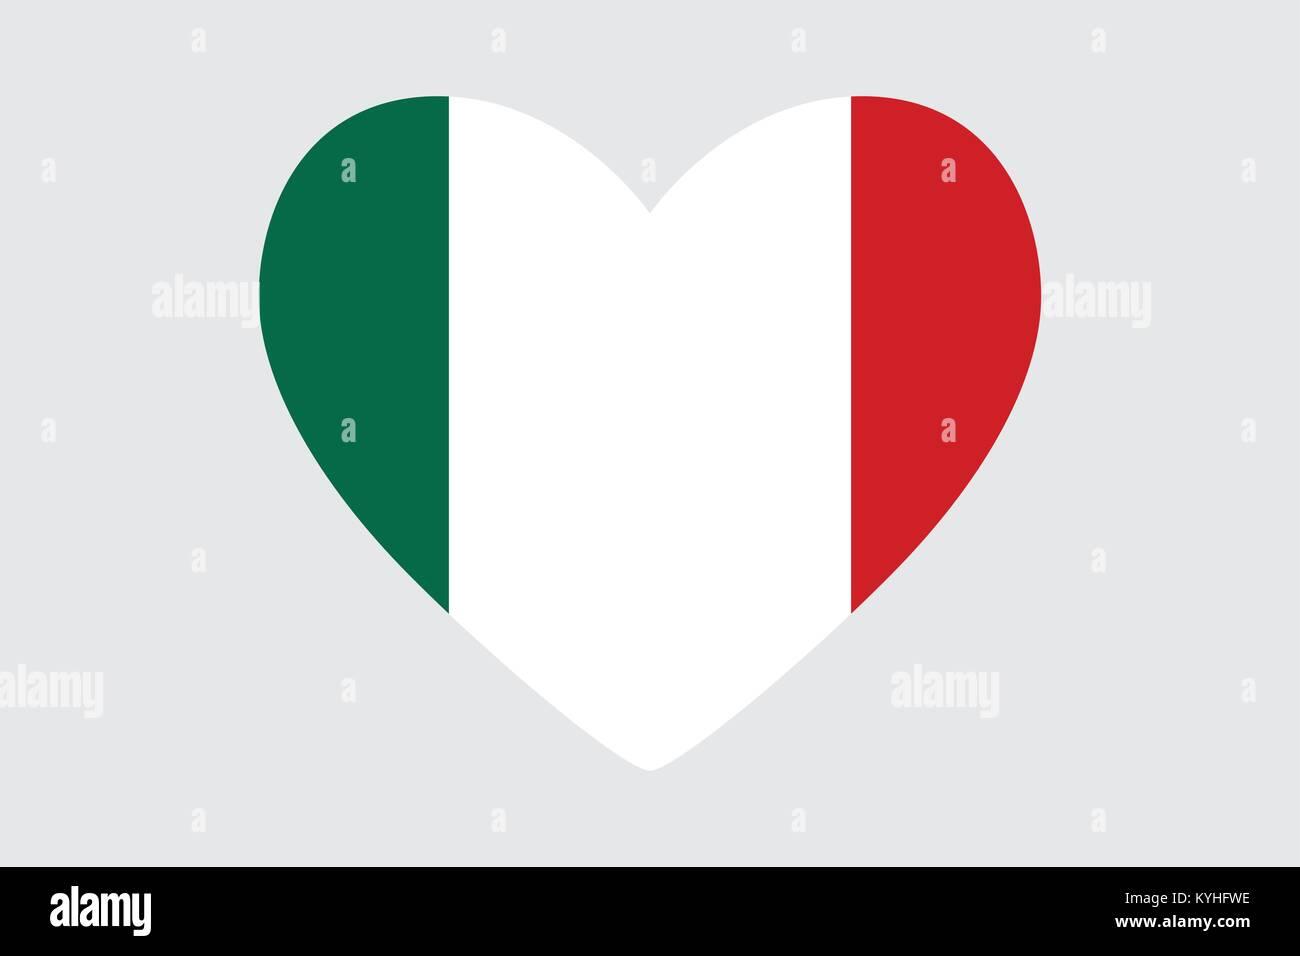 Schön Mexiko Flagge Färbung Seite Fotos - Druckbare Malvorlagen ...